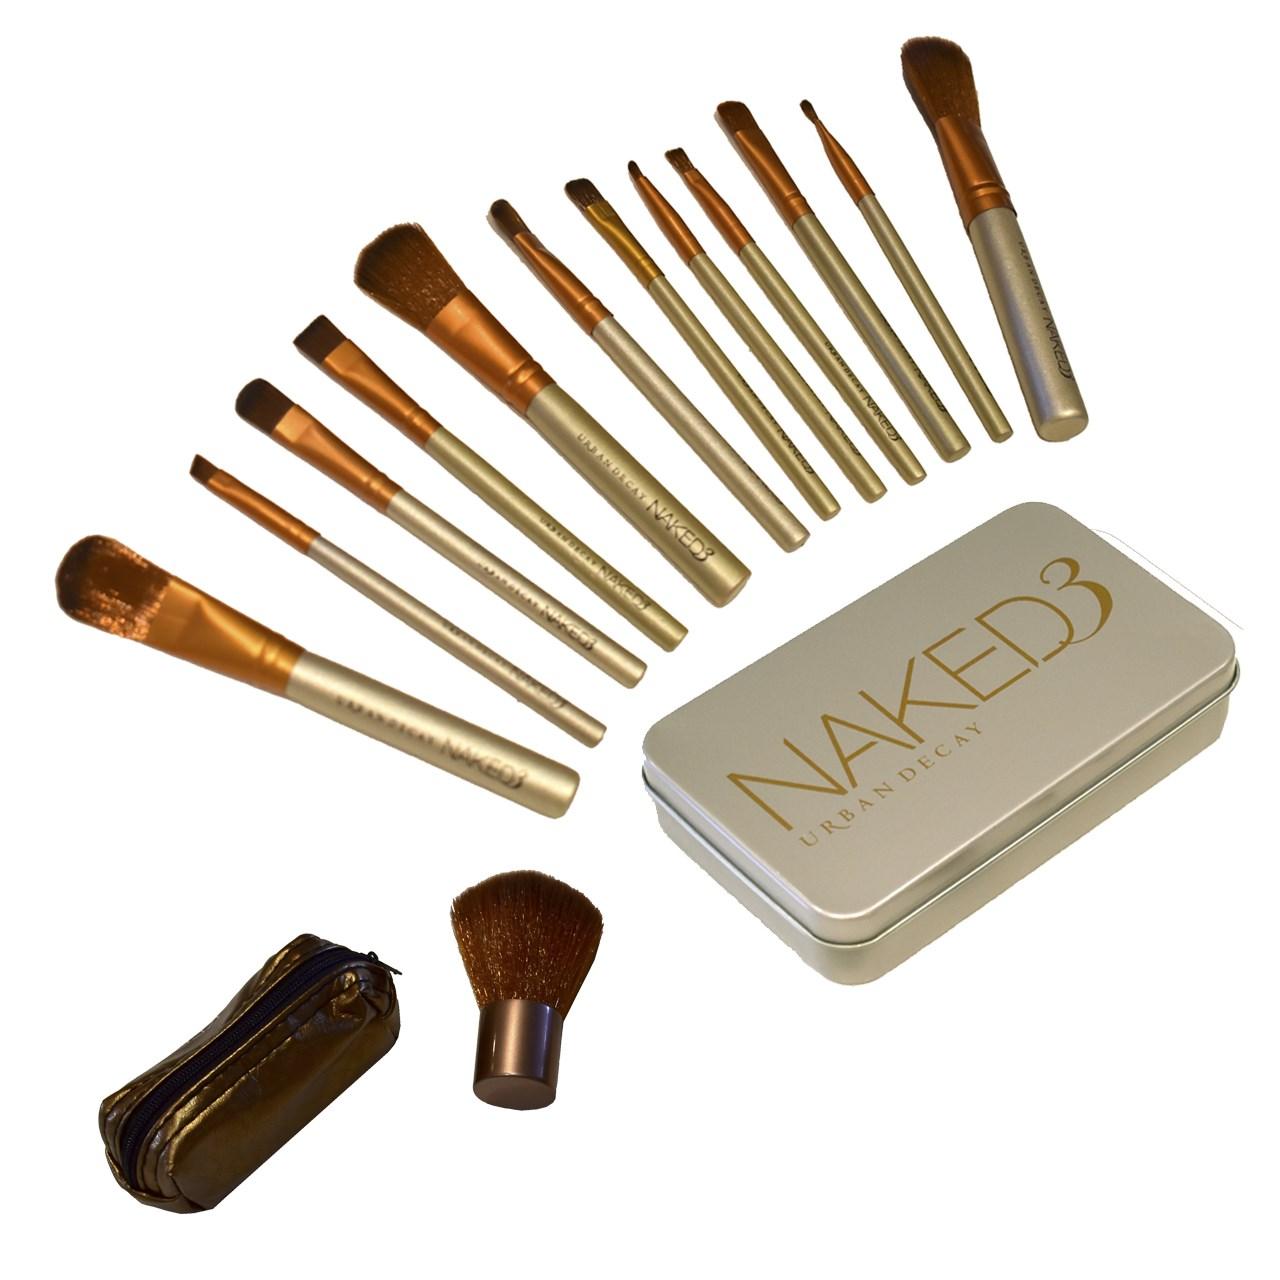 پک براش آرایشی NAKED  مجموعه 12 عددی به همراه براش رژگونه